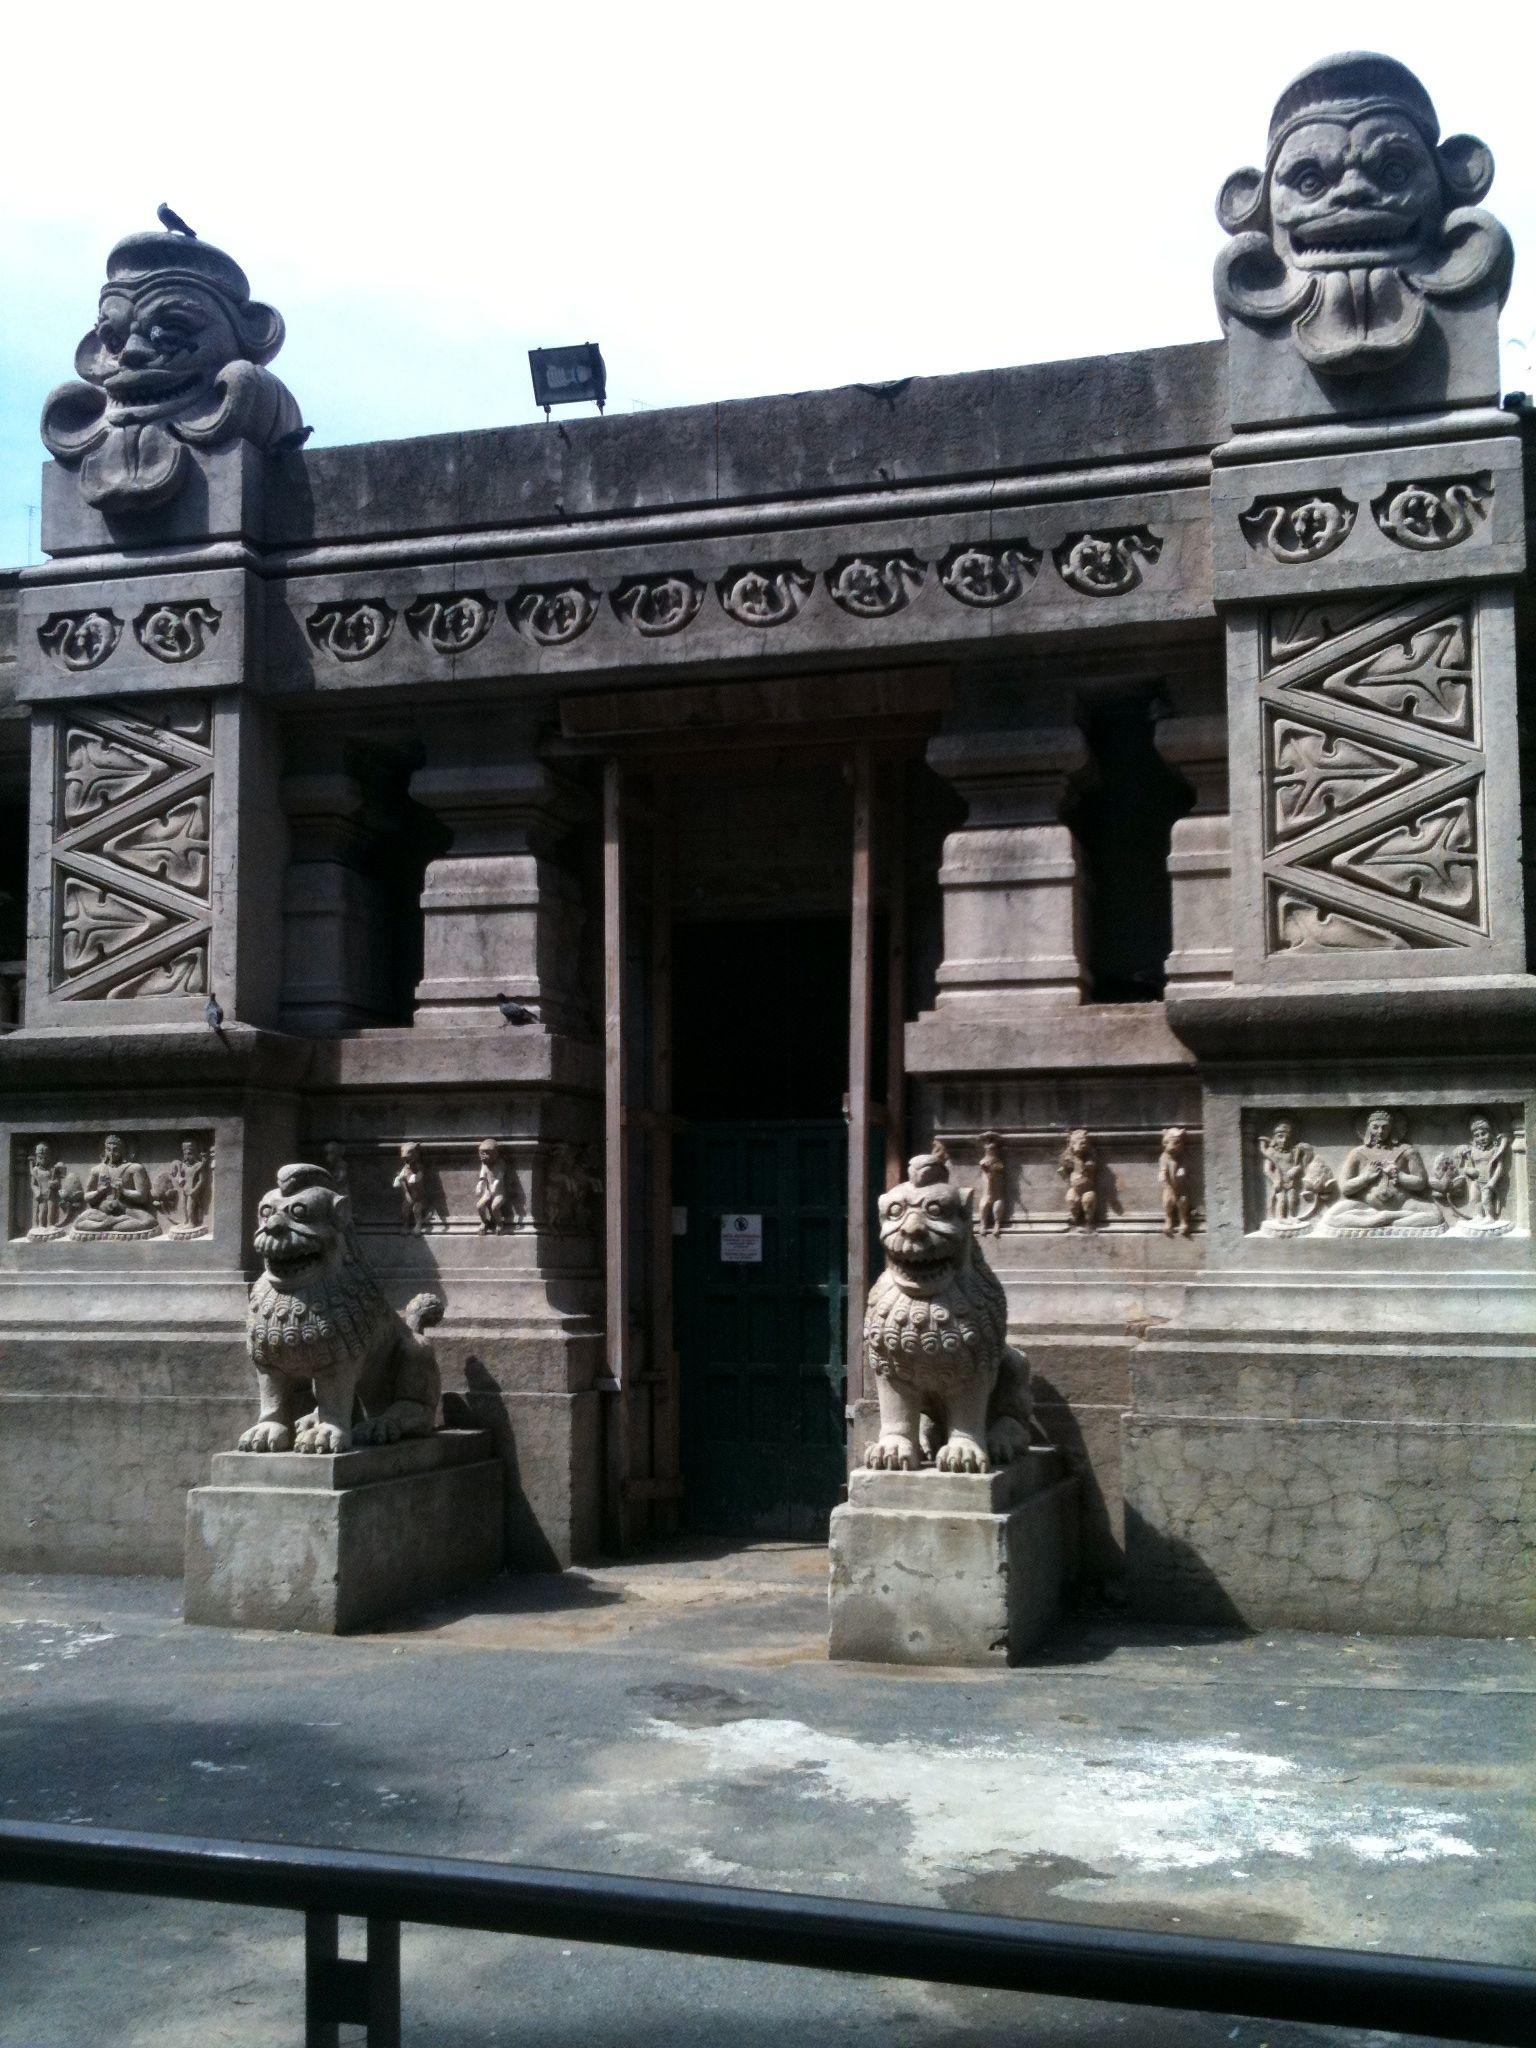 Llama building